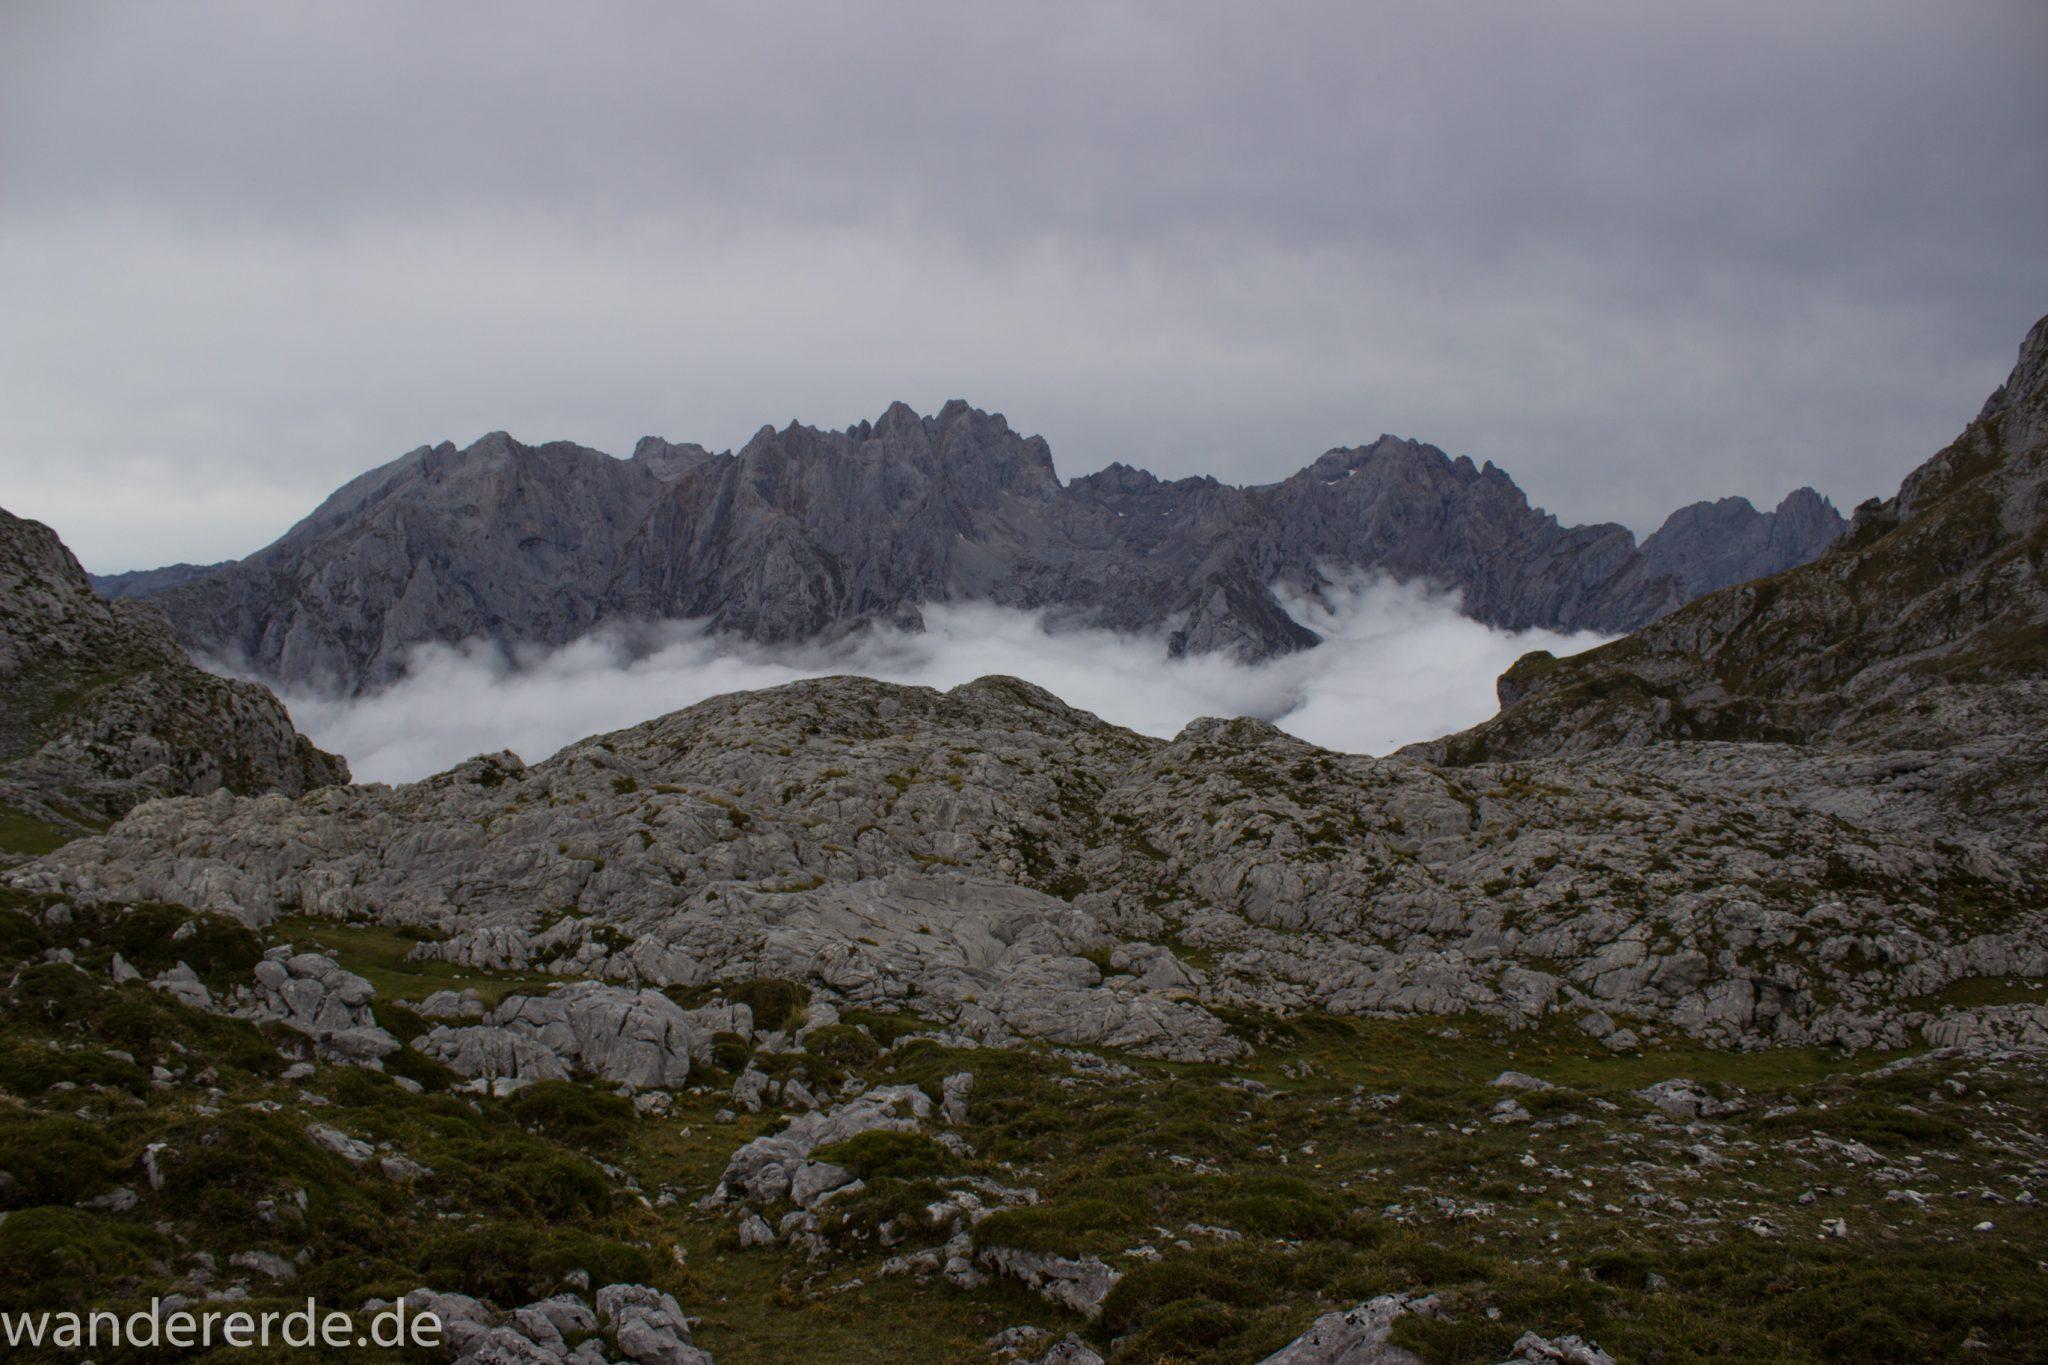 Wanderung Vega de Ario Picos de Europa Spanien, dichte Wolken ziehen auf, Bergregion in Nordspanien, Wandern, zerklüftete Felsen, Steine, schmaler Wanderpfad, atmosphärisch, Aussicht auf große Bergkette